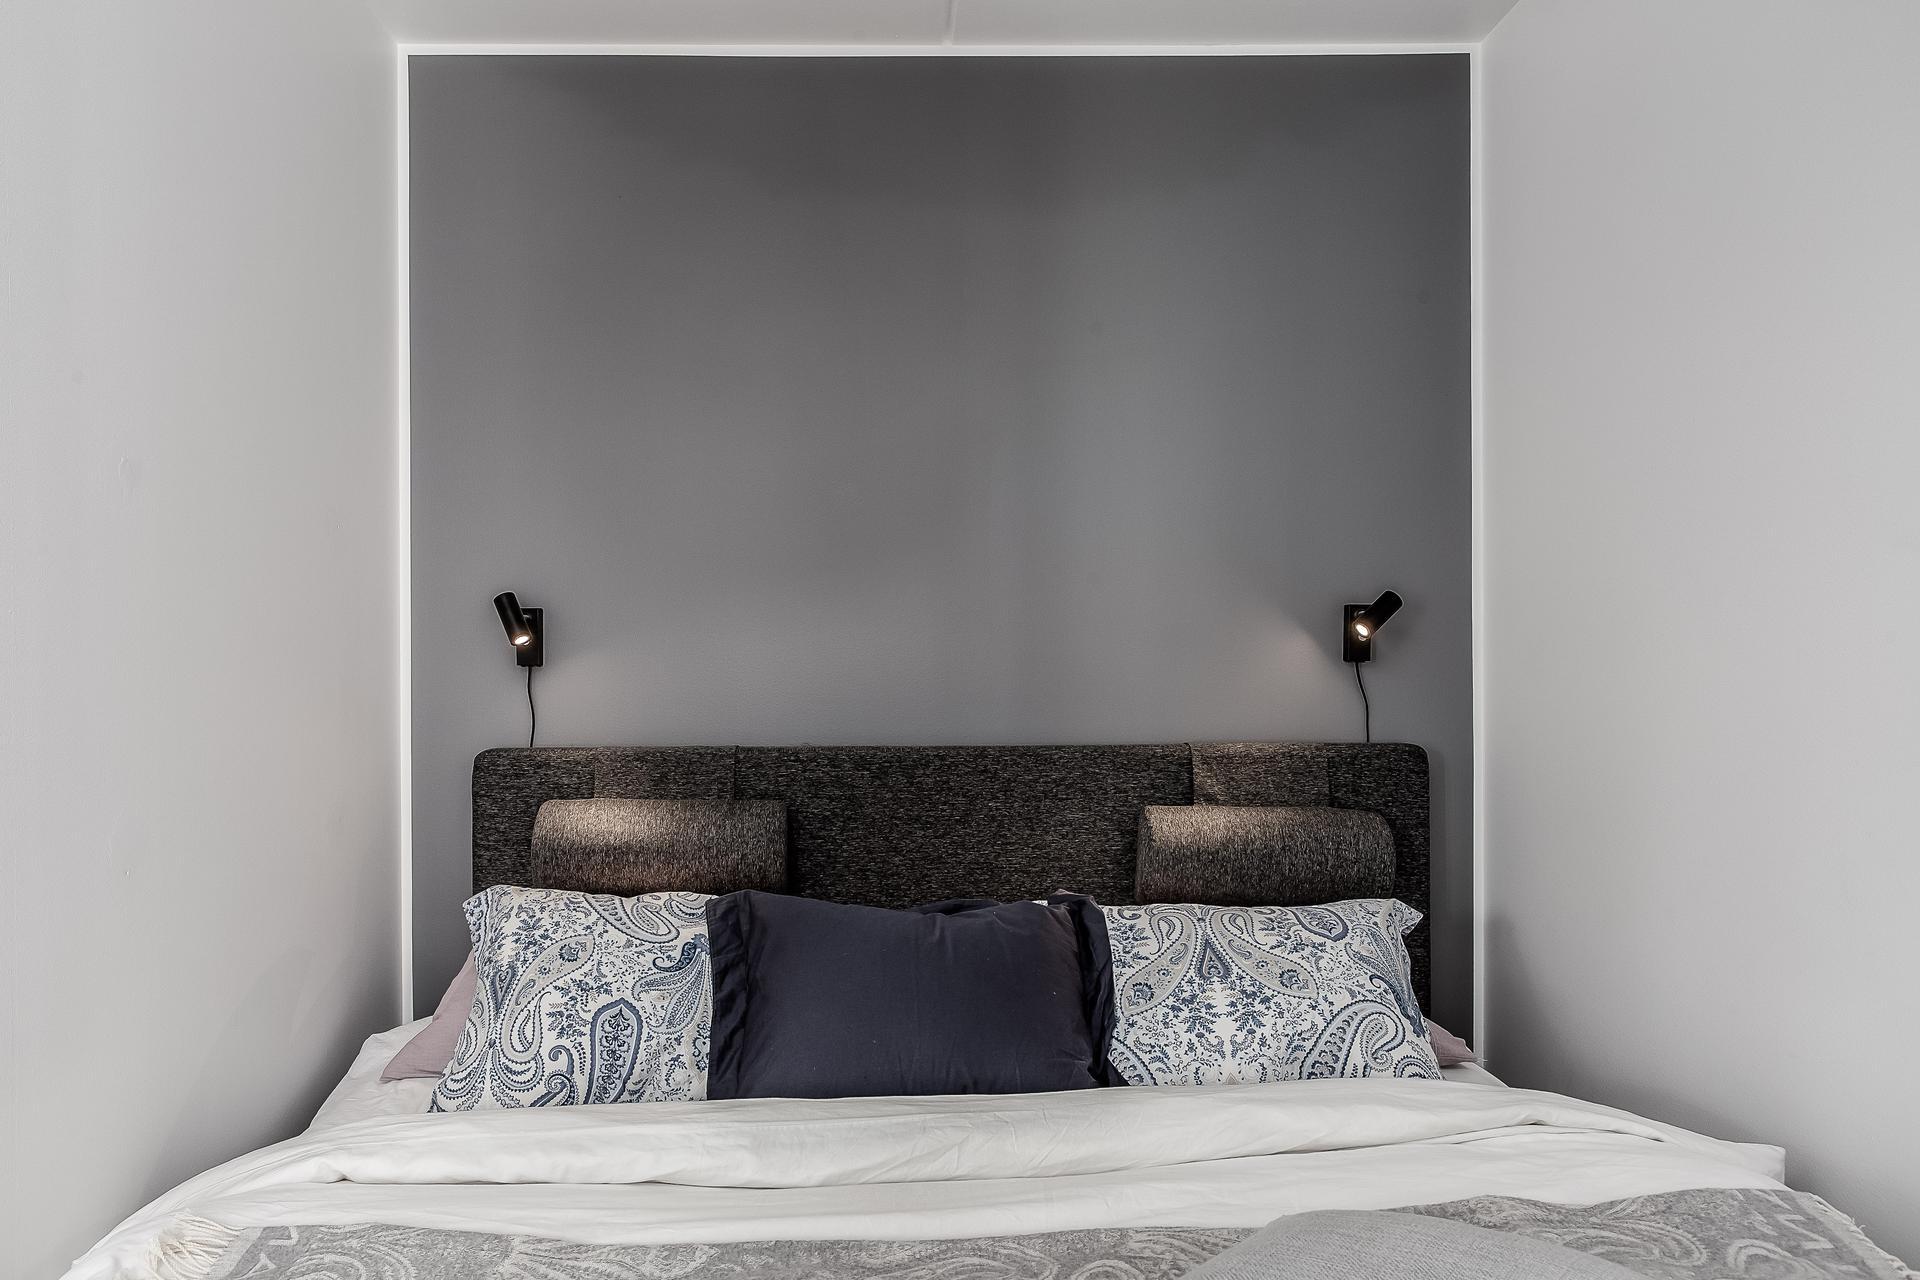 спальня кровать изголовье прикроватные светильники подушки